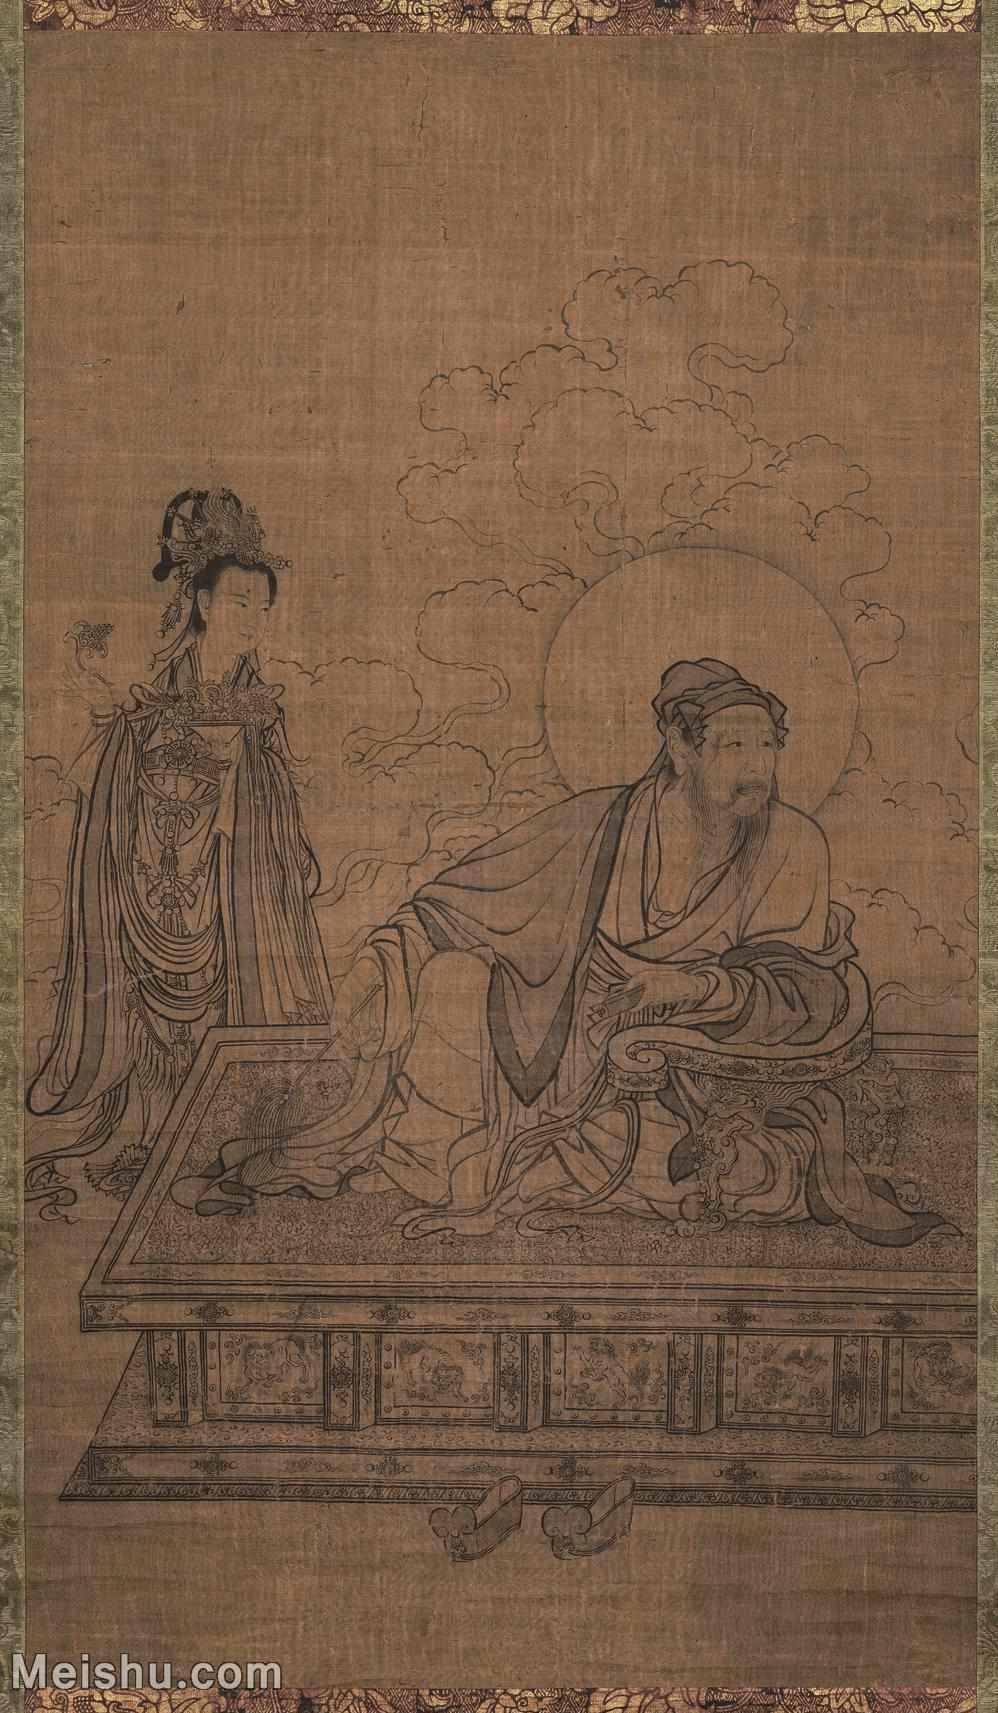 【超顶级】GH6086191古画人物李公麟-维摩居士像-东京博物馆立轴图片-389M-7717X13226_218337